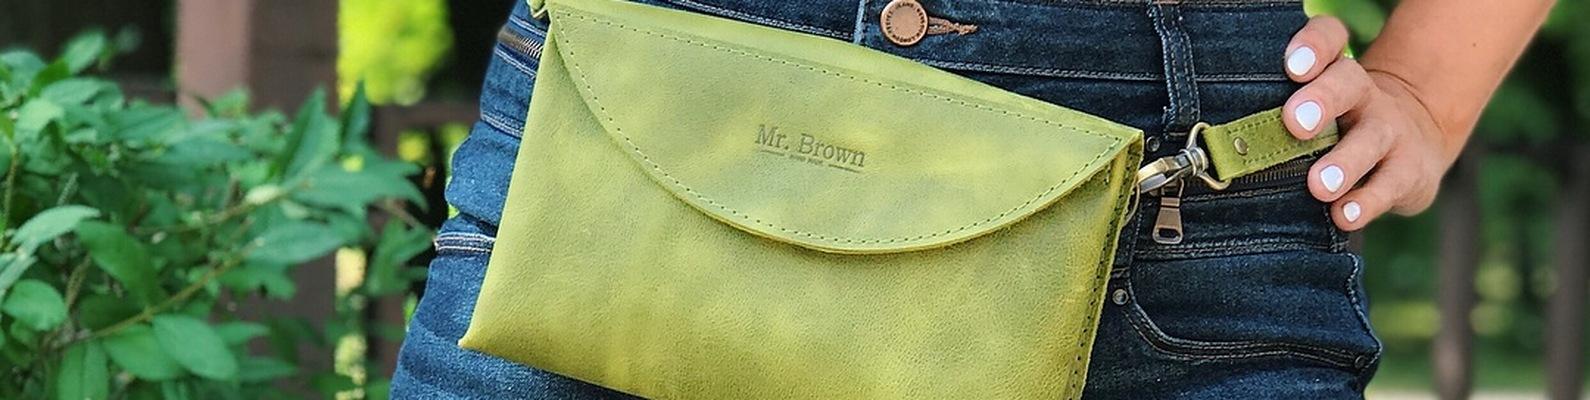 a5c3af09d0eb Мастерская Mr.Brown |Изделия из натуральной кожи | ВКонтакте